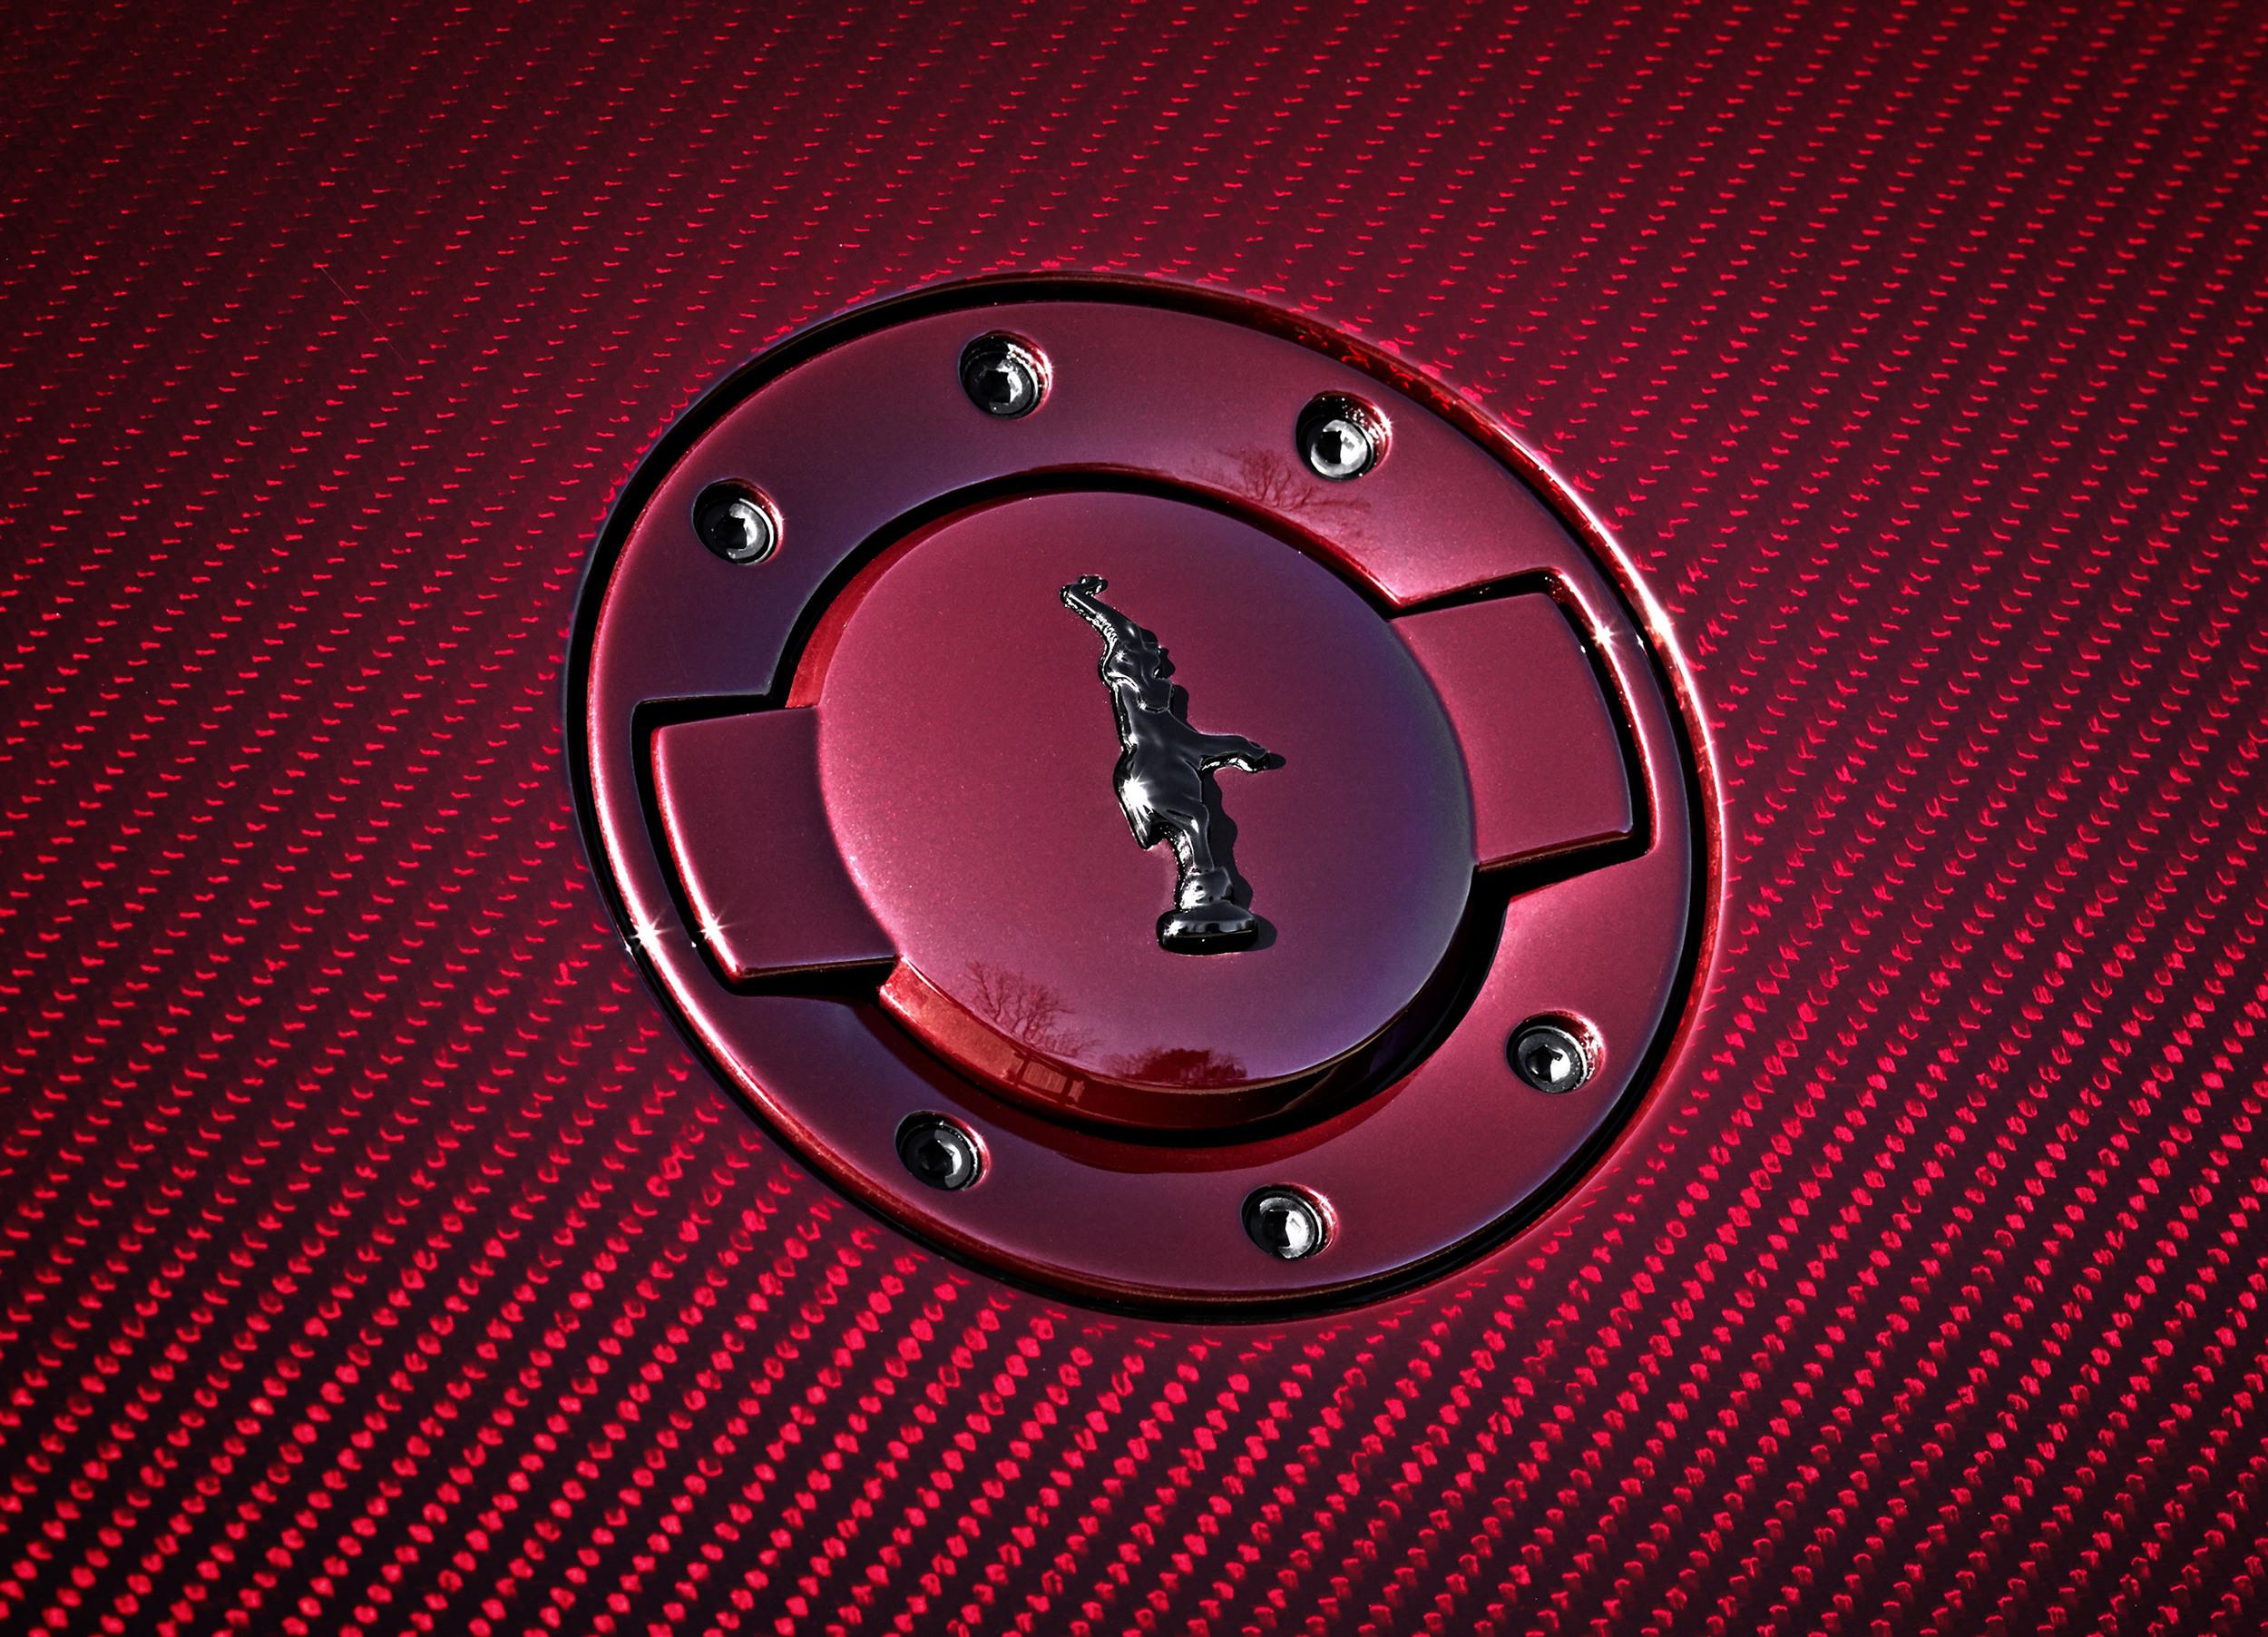 bugatti-veyron-grand-sport-vitesse-la-finale-004-1